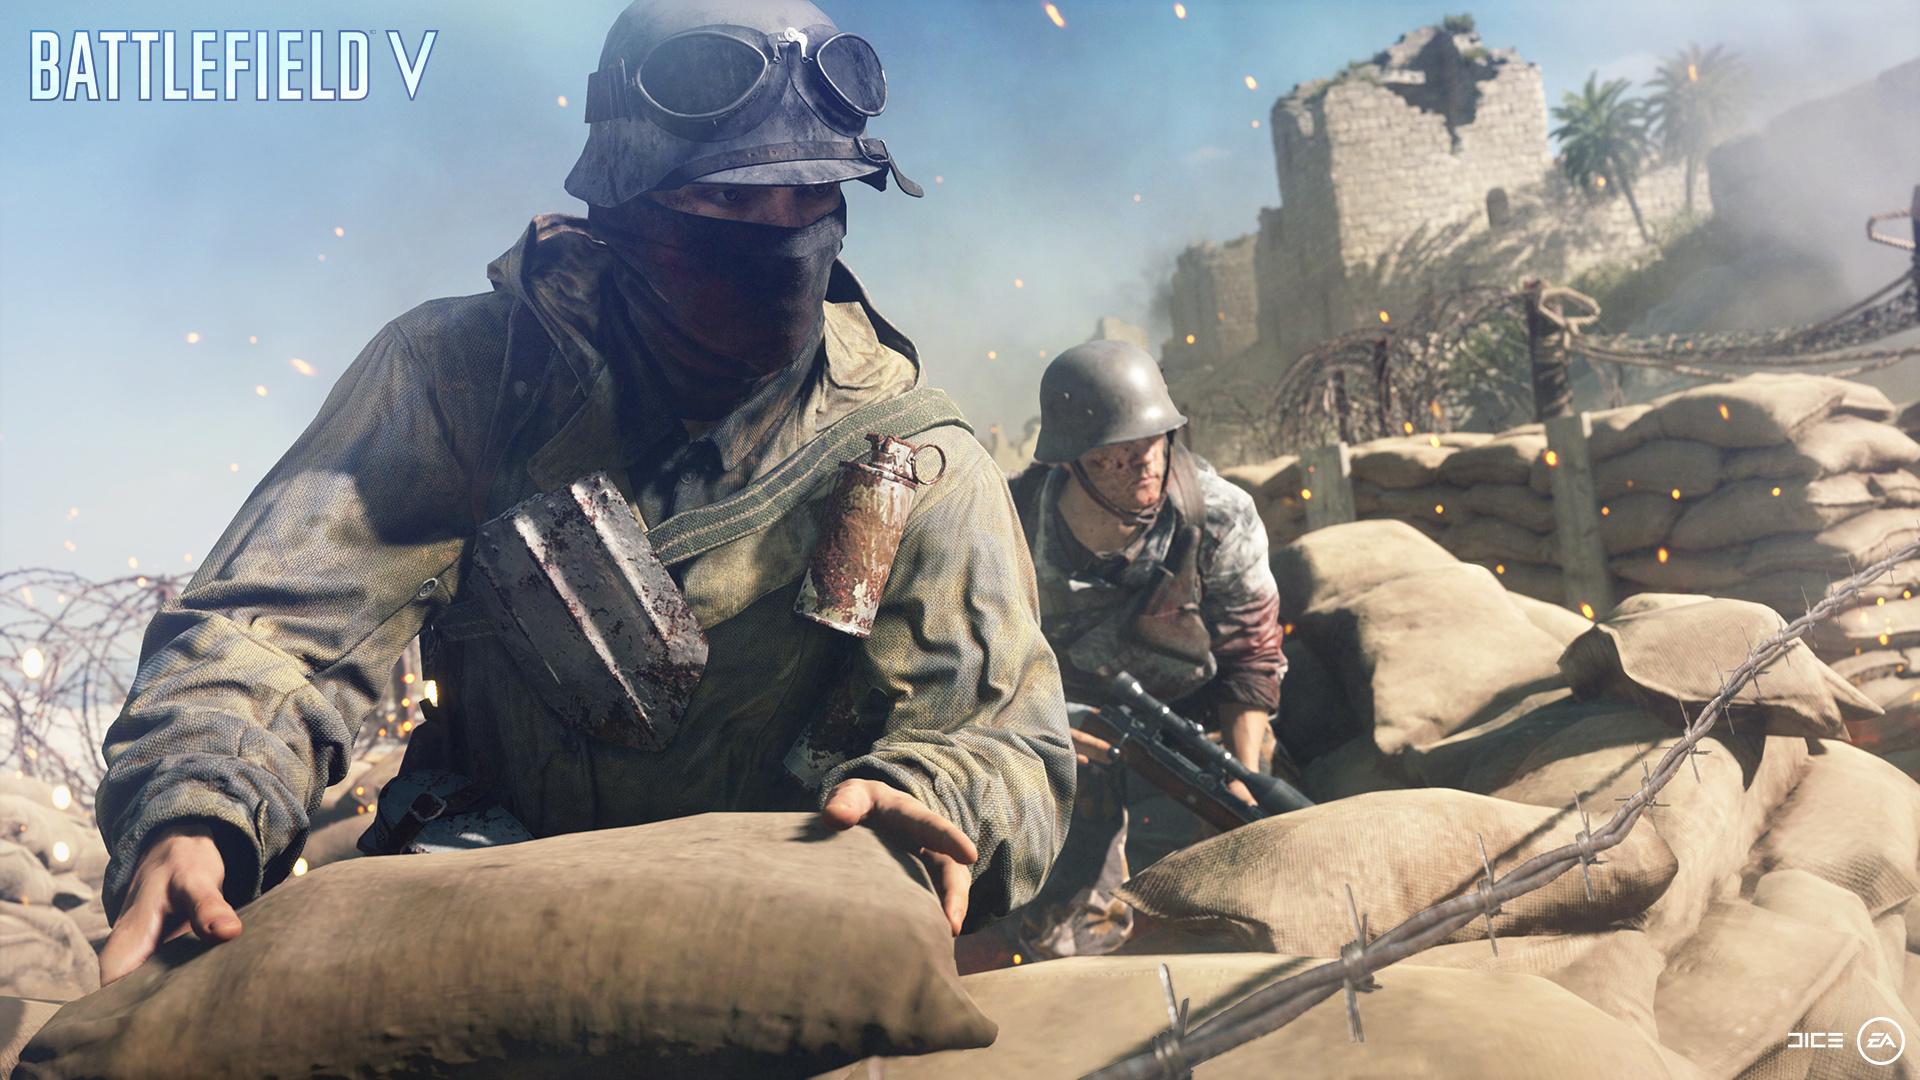 Battlefield 5 - All Assault Class Combat Roles, Weapons